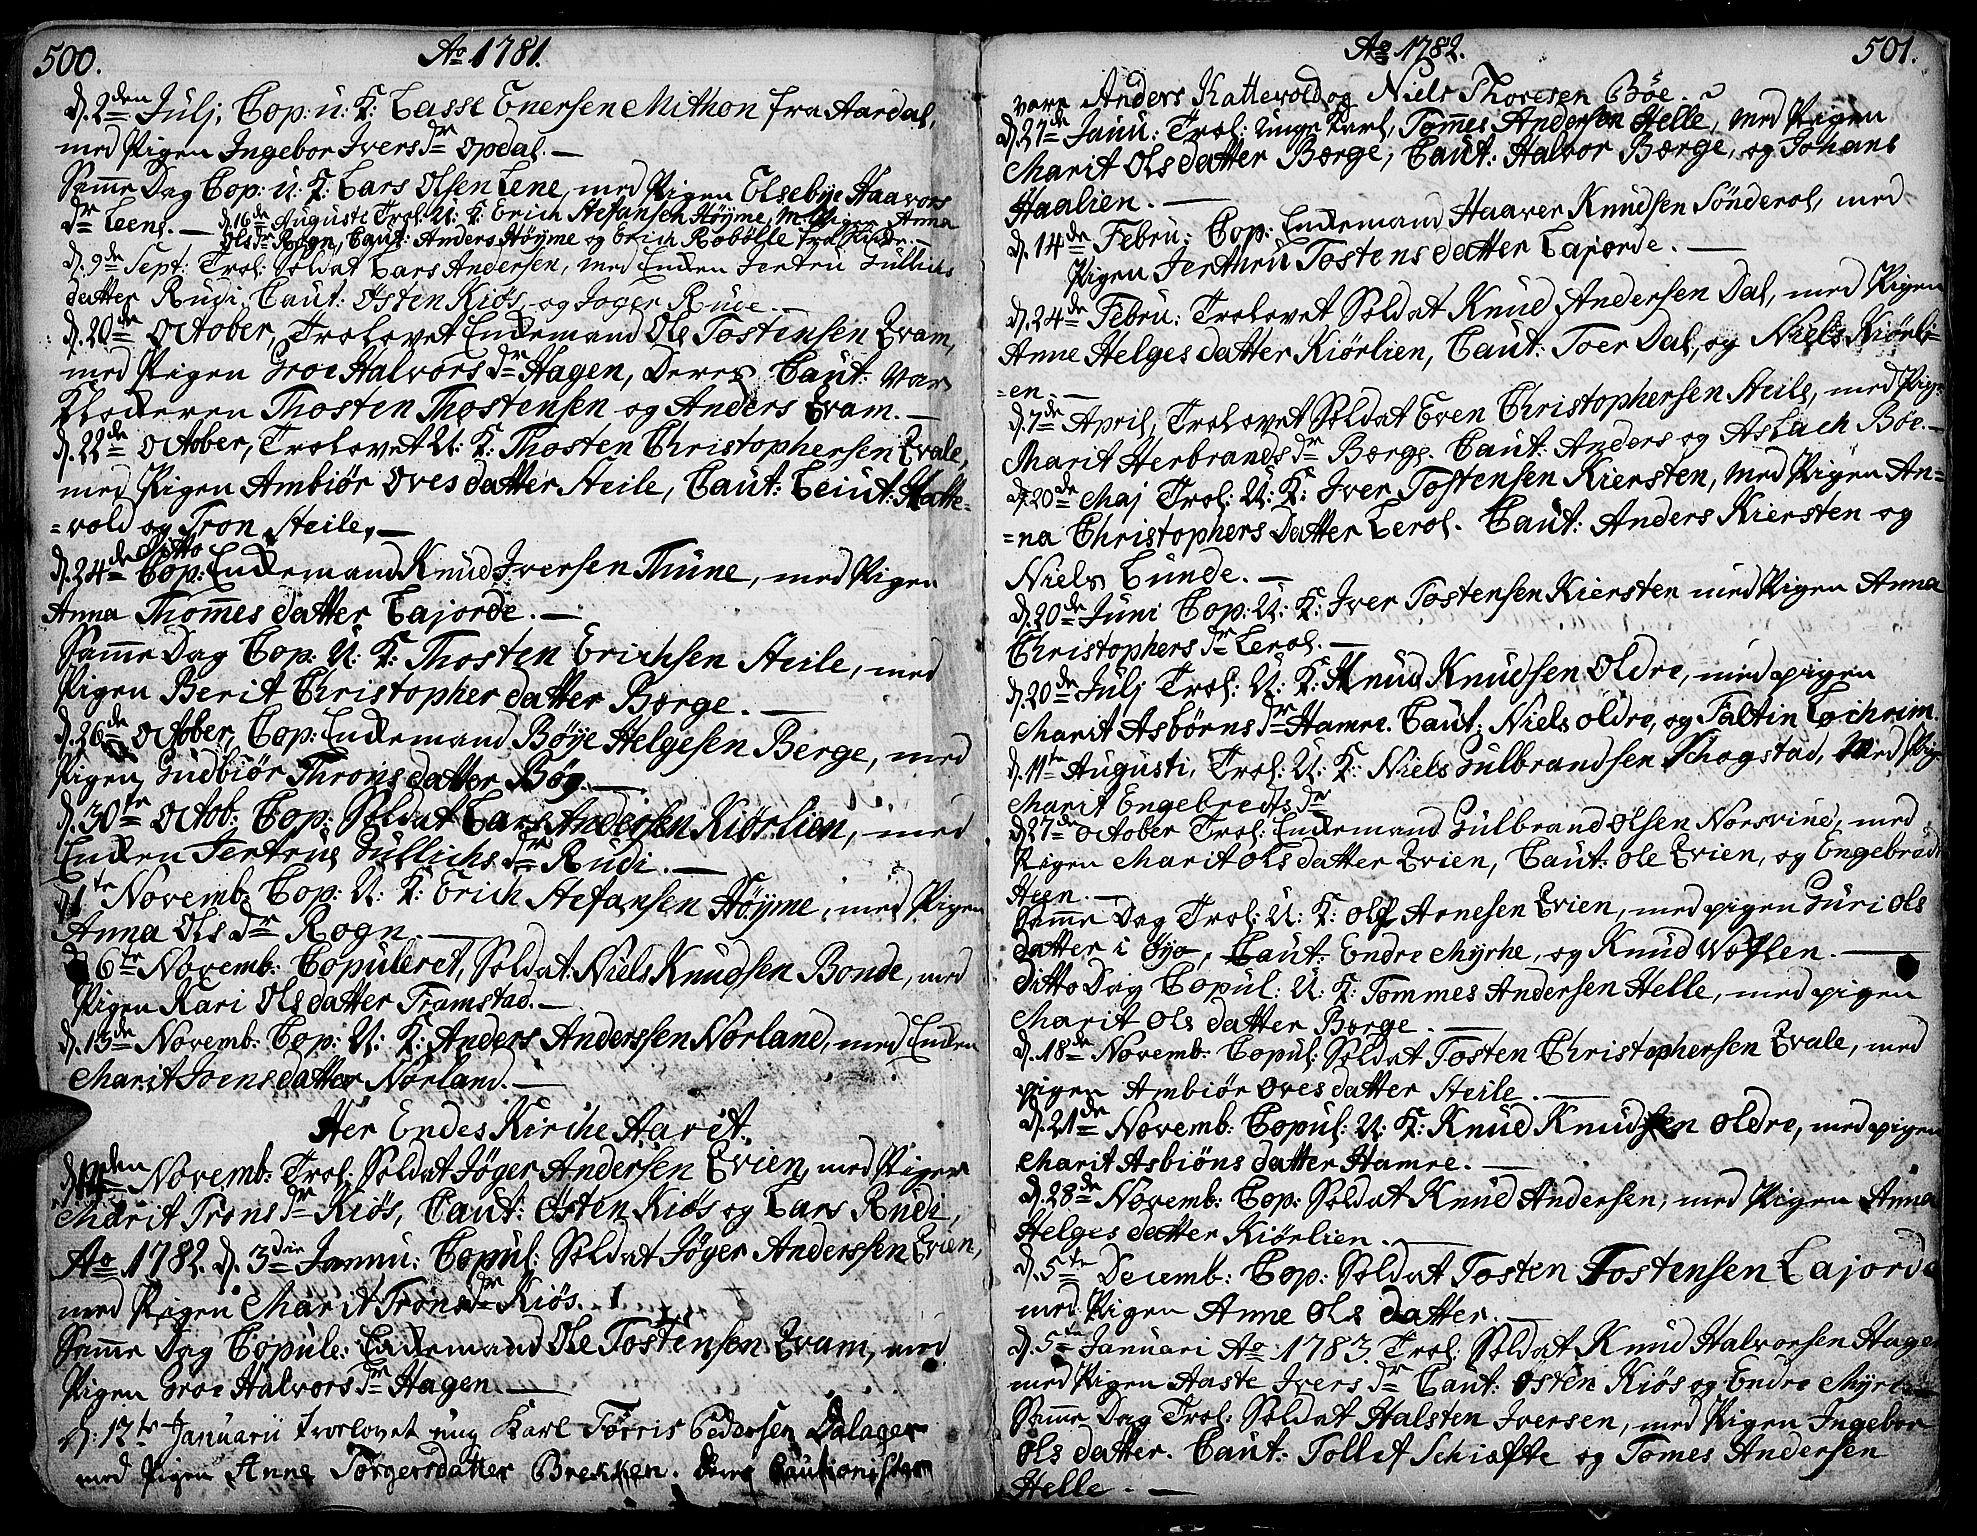 SAH, Vang prestekontor, Valdres, Ministerialbok nr. 1, 1730-1796, s. 500-501